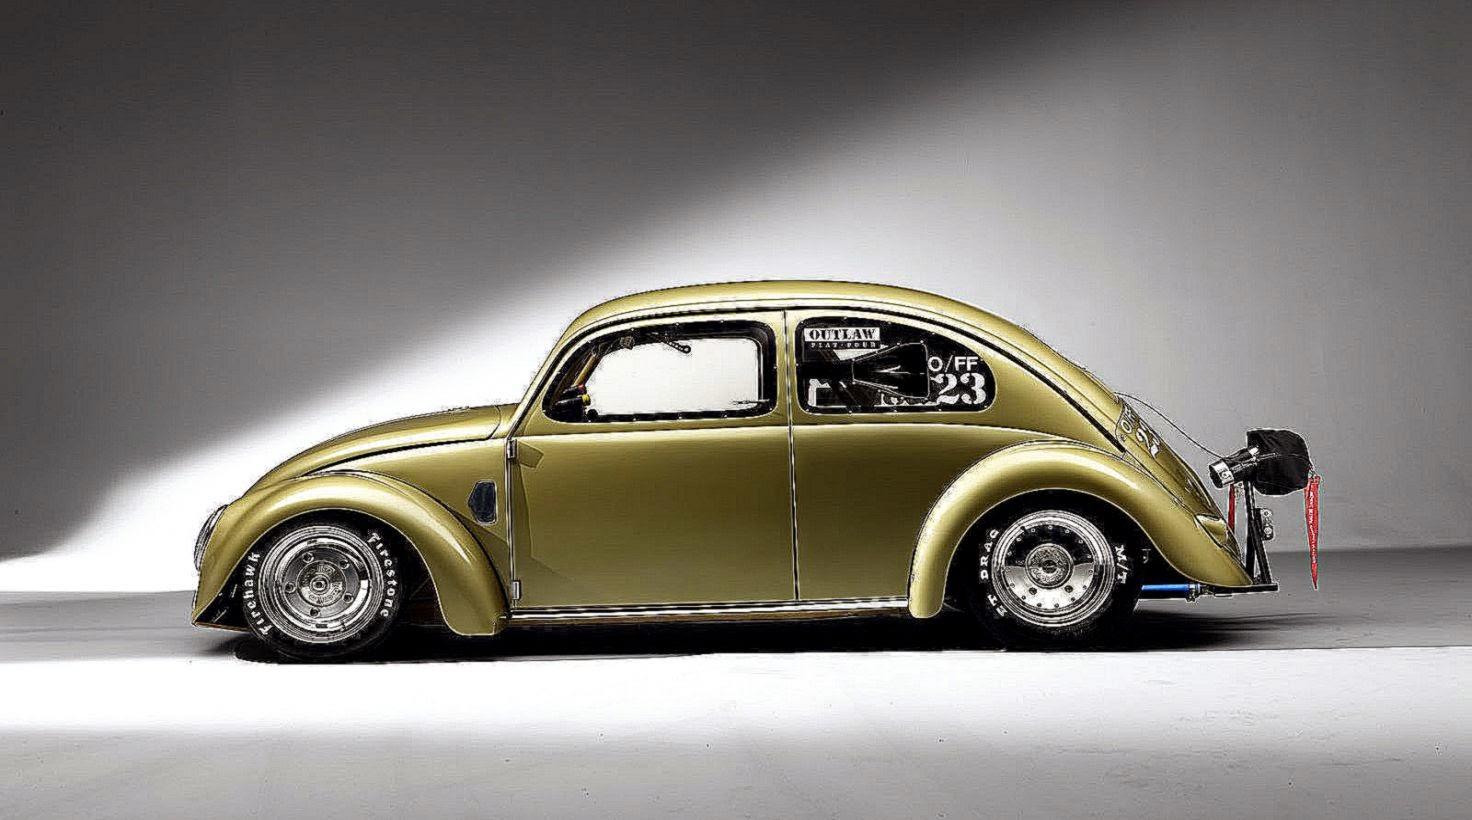 Classic Car Volkswagen Beetle Wallpaper Desktop Best HD Wallpapers 1472x820